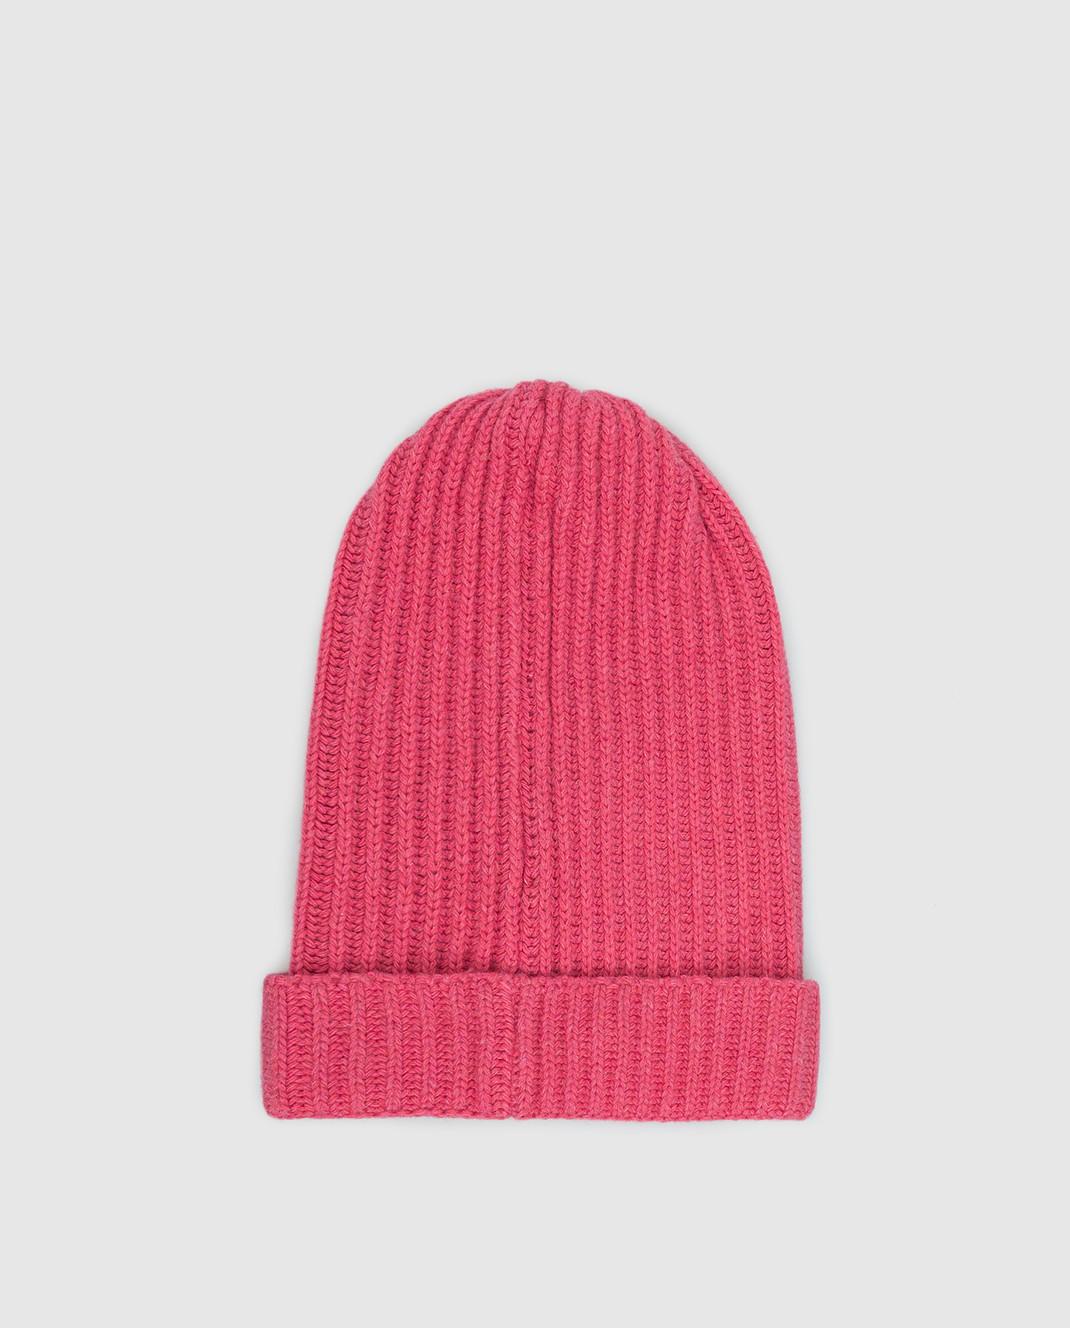 Ermanno Scervino Детская розовая шапка PP01MAG4 изображение 2